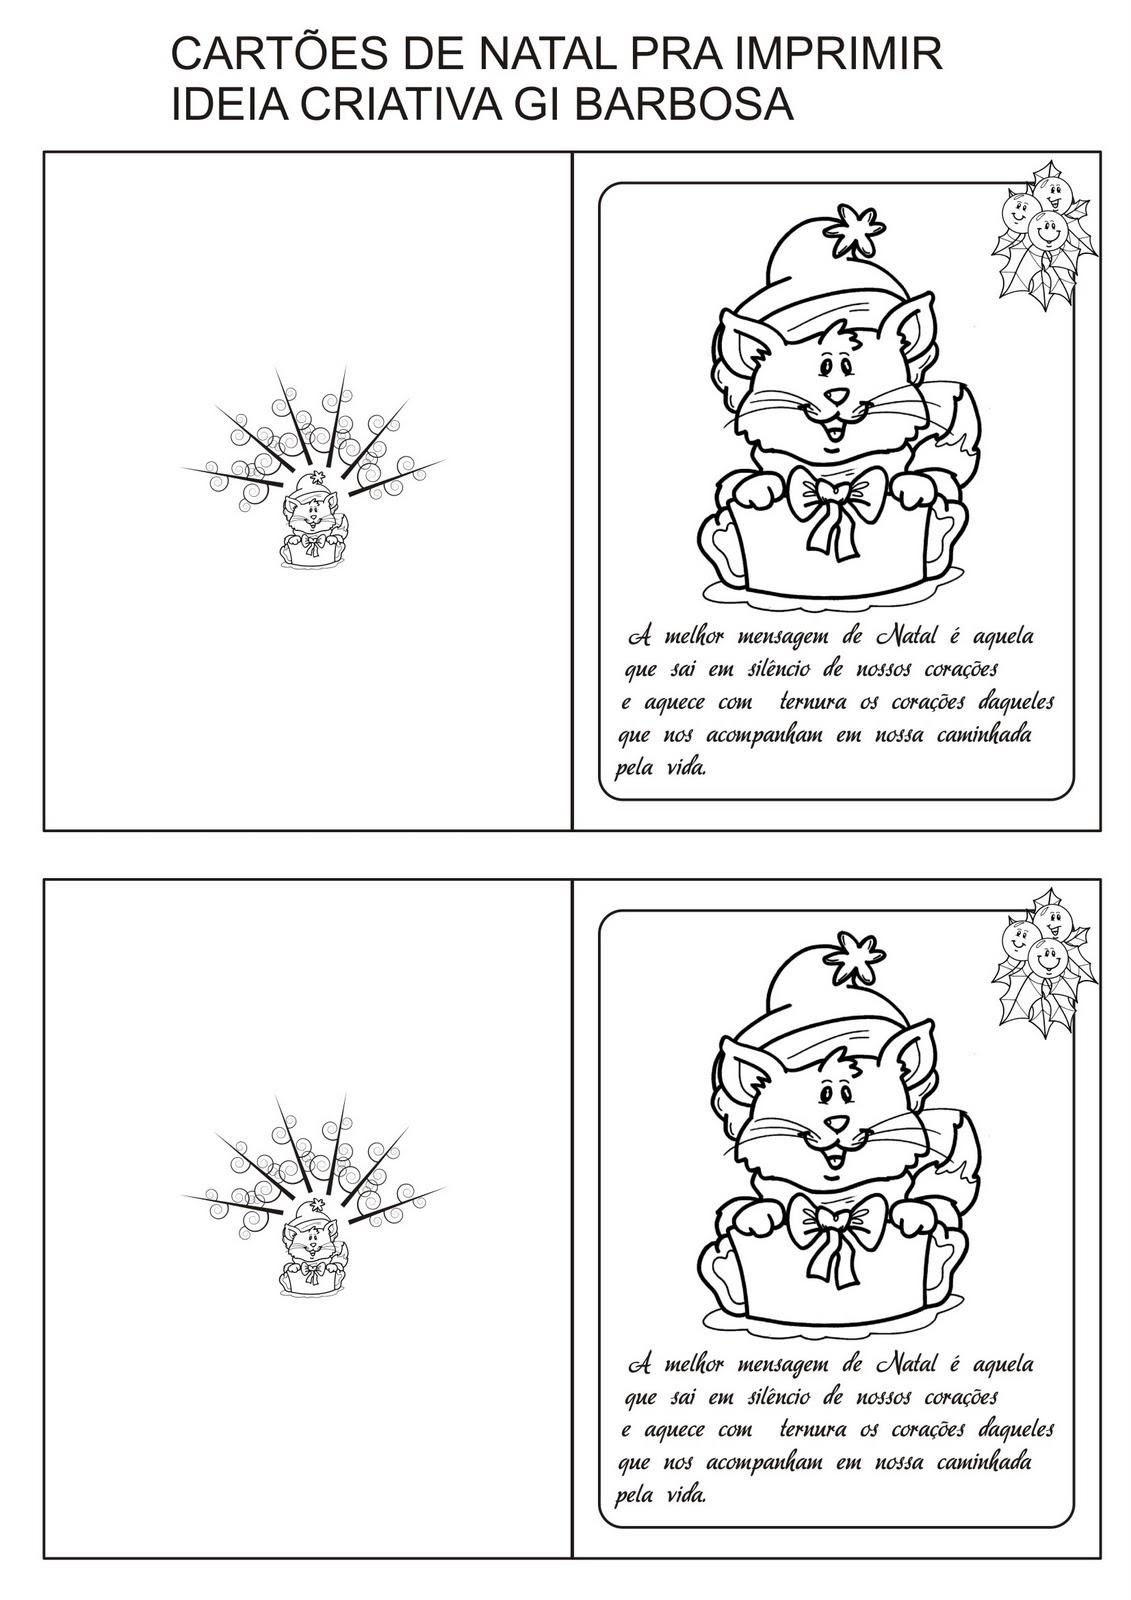 Preferência Cartões de Natal com Frase pra Colorir e Imprimir | Ideia Criativa  UE75